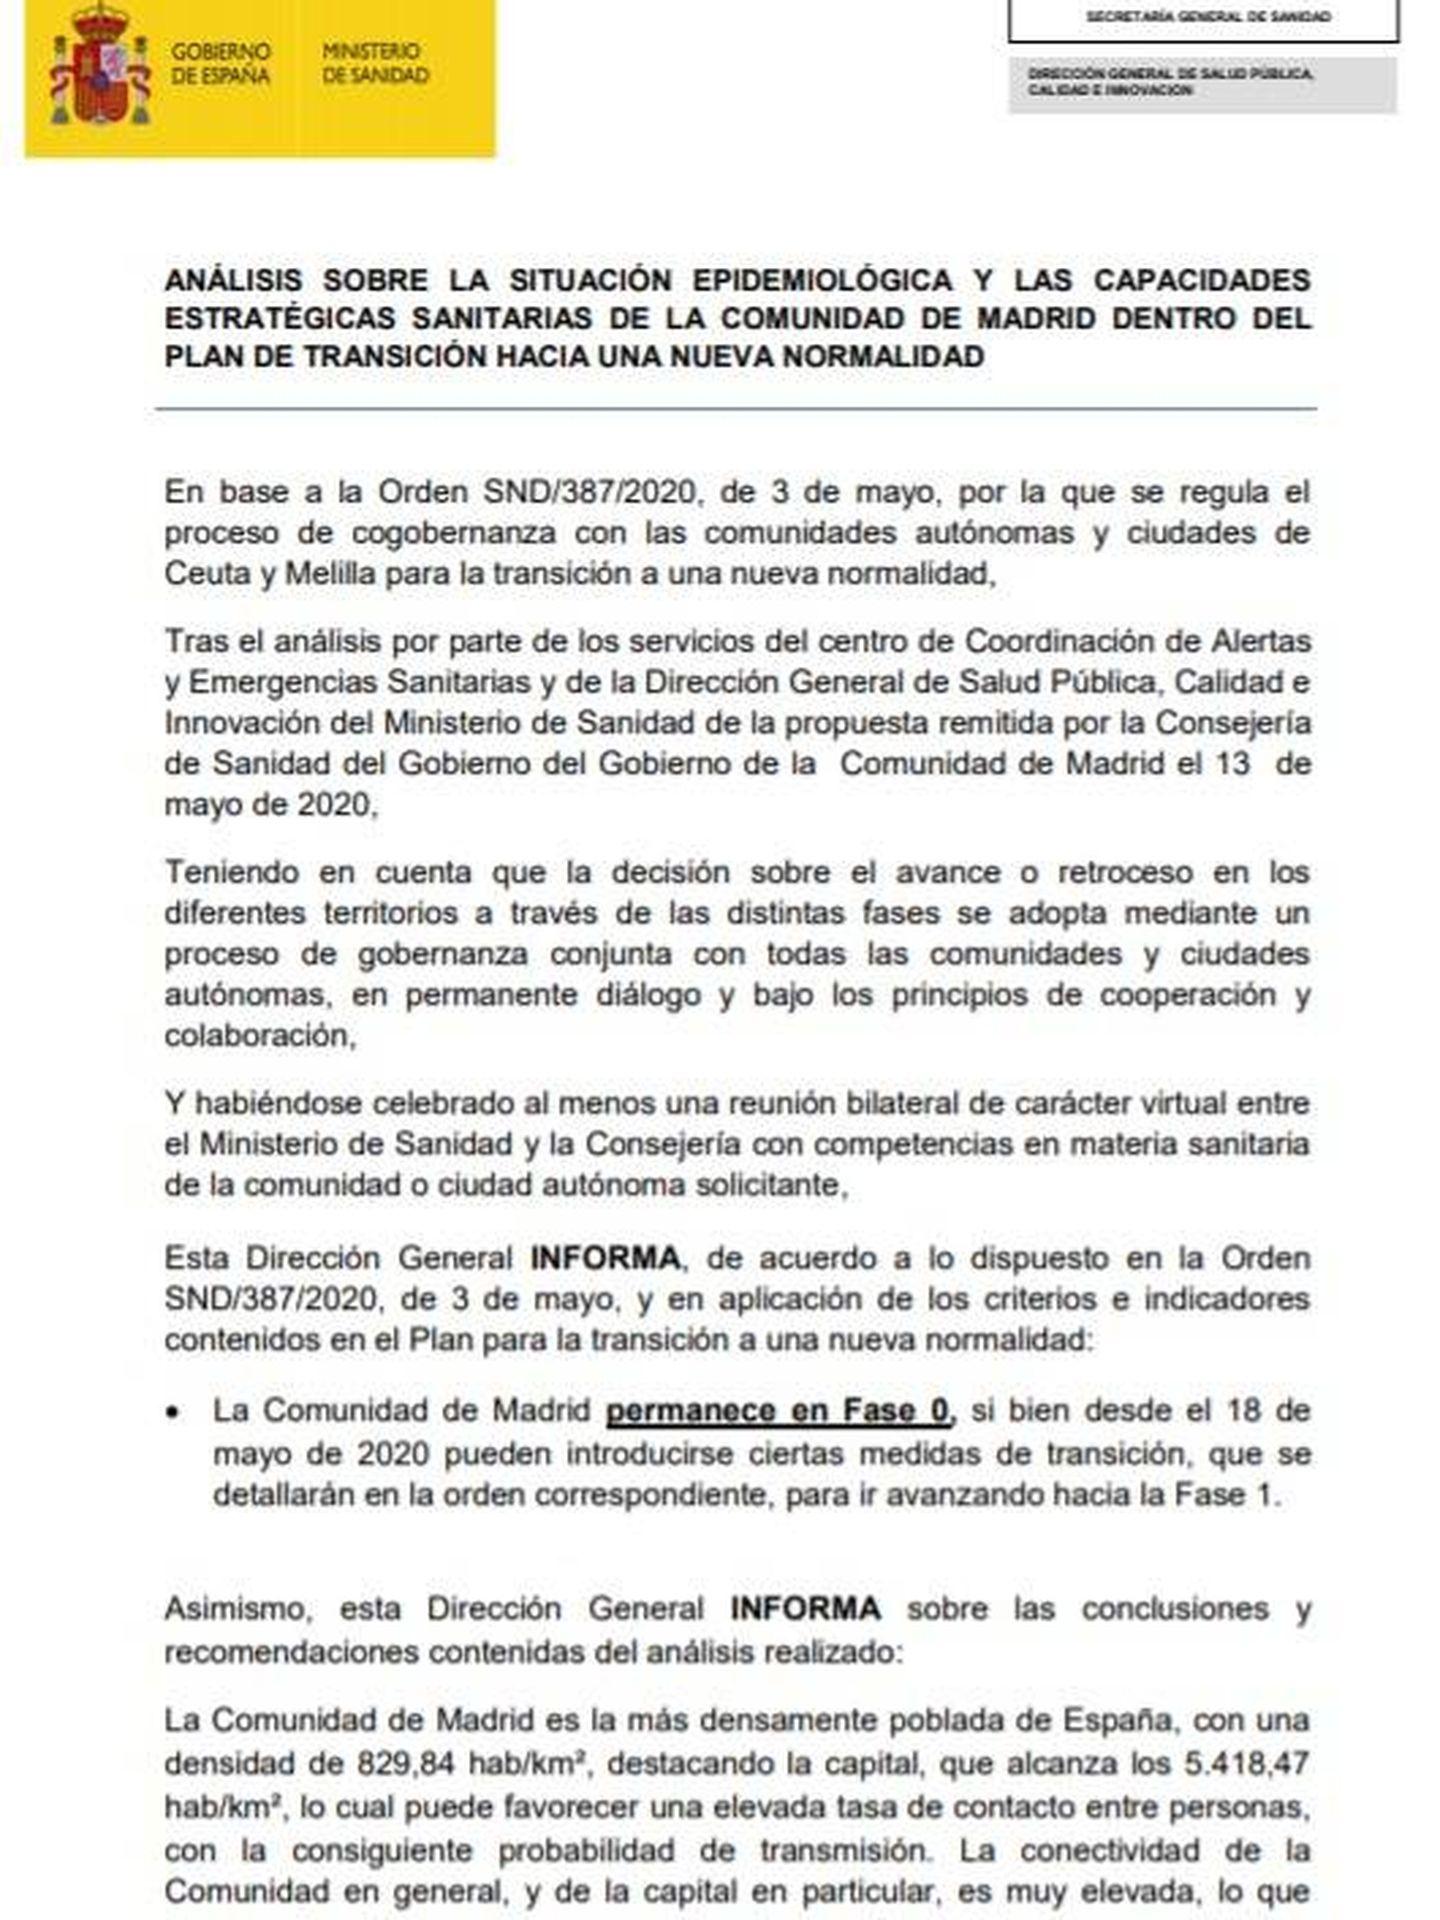 Consulte aquí en PDF el informe del Ministerio de Sanidad sobre la Comunidad de Madrid de 15 de mayo de 2020.